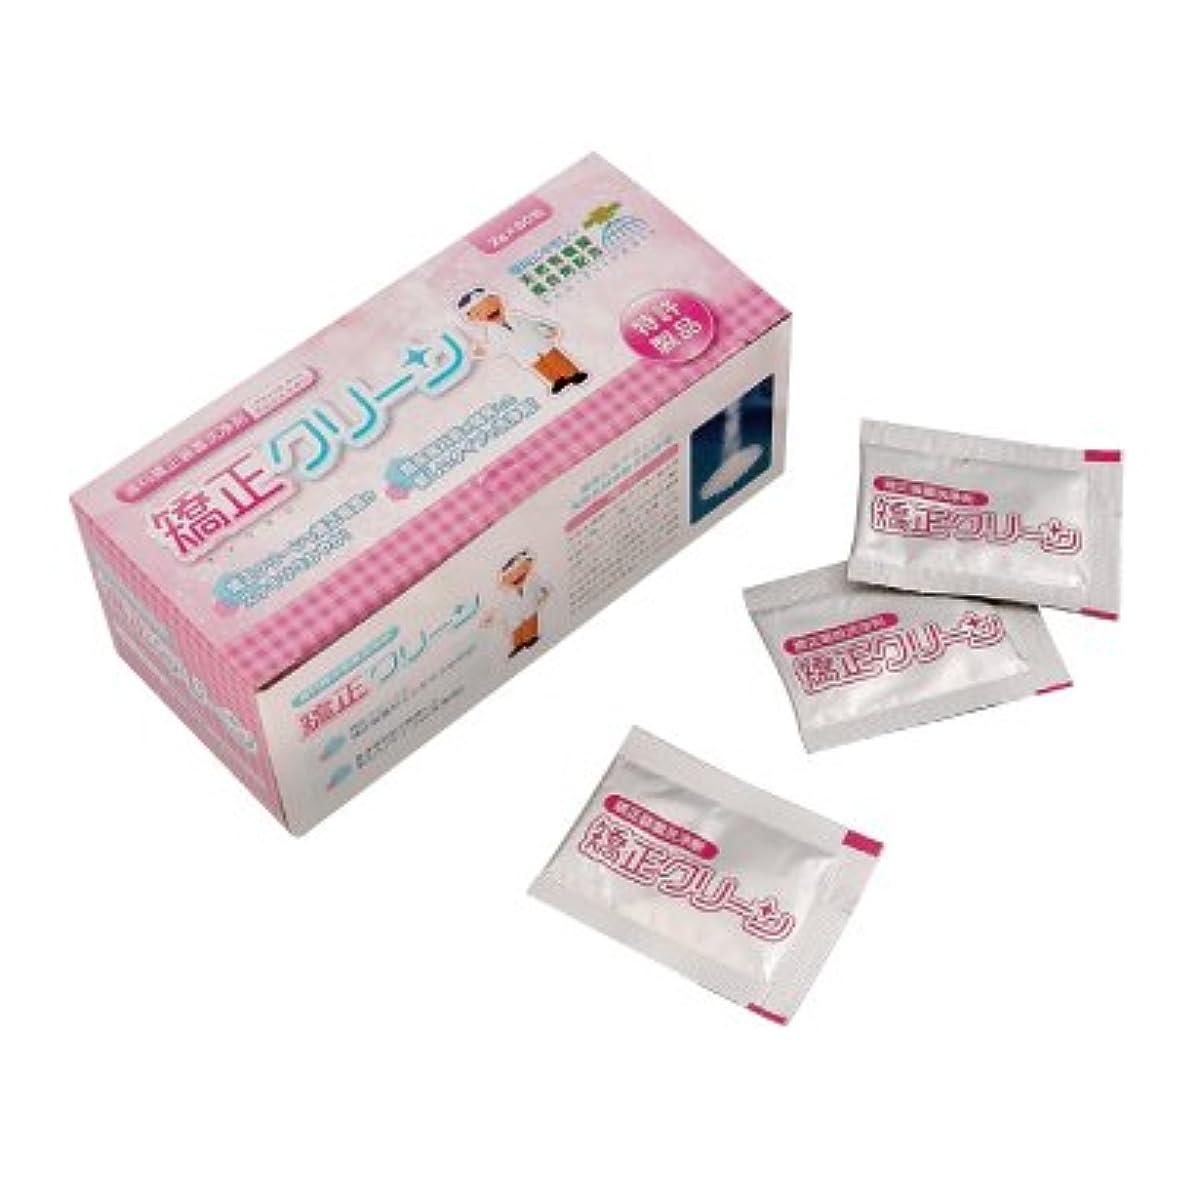 荒れ地動員する否認する矯正クリーン 1箱(2g×60包入り) 歯科矯正装置用洗浄剤